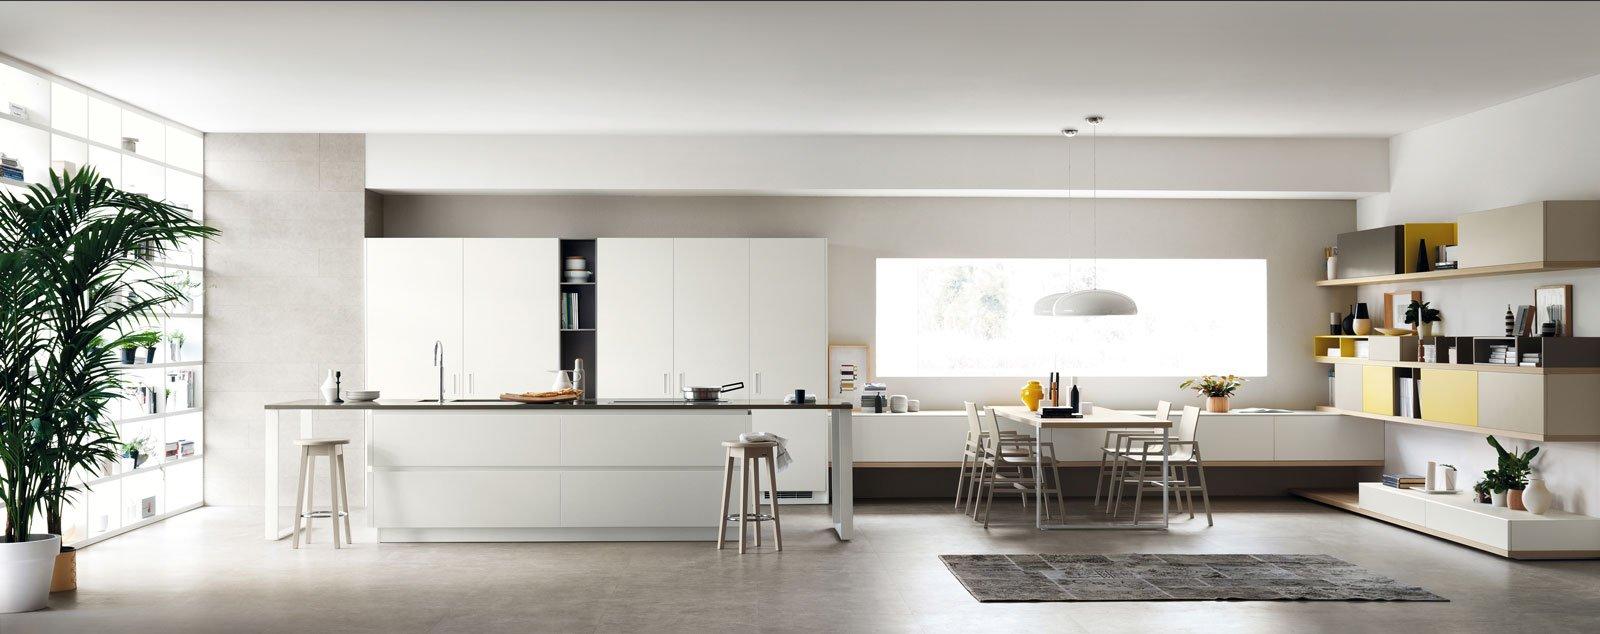 Cucine con zona pranzo la contemporaneit di una for Case moderne interni cucine